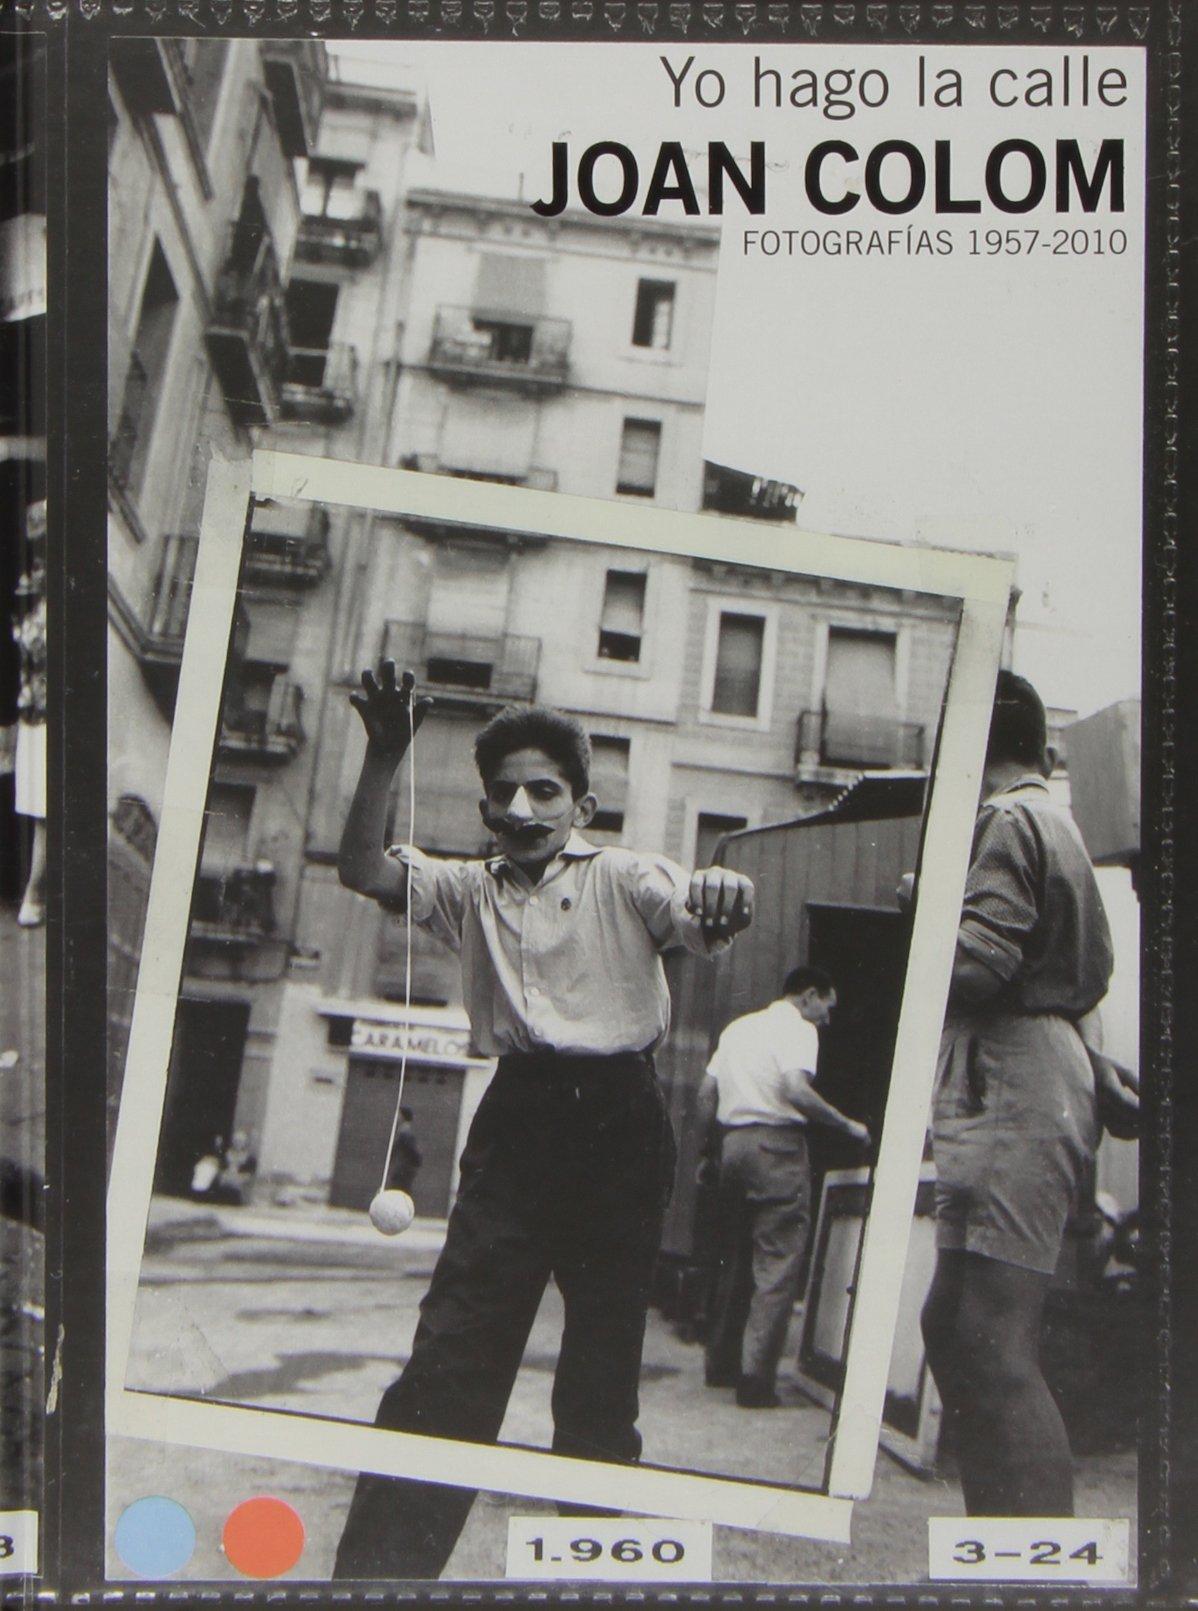 Joan Colom: Yo hago la calle fotografías 1957-2010 Libros de Autor: Amazon.es: Colom, Joan: Libros